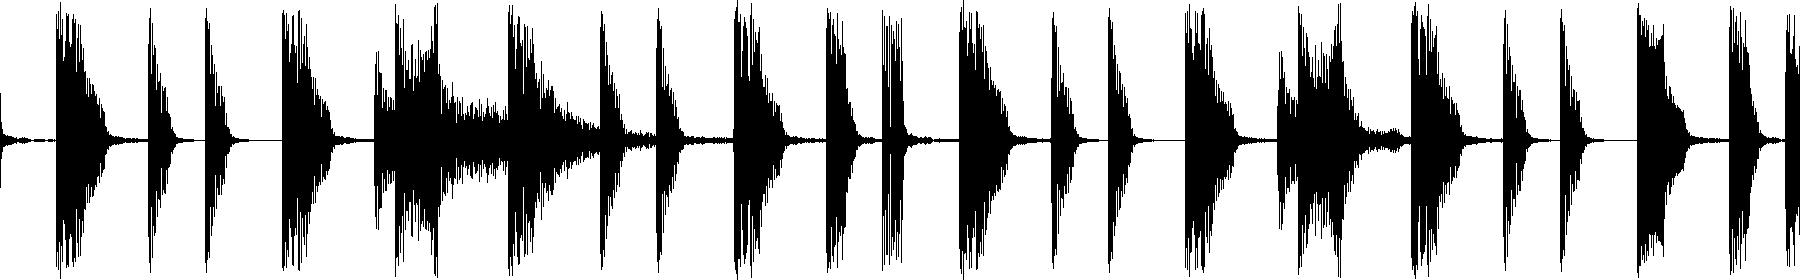 vedh melodyloop 094 gm7 9 124bpm